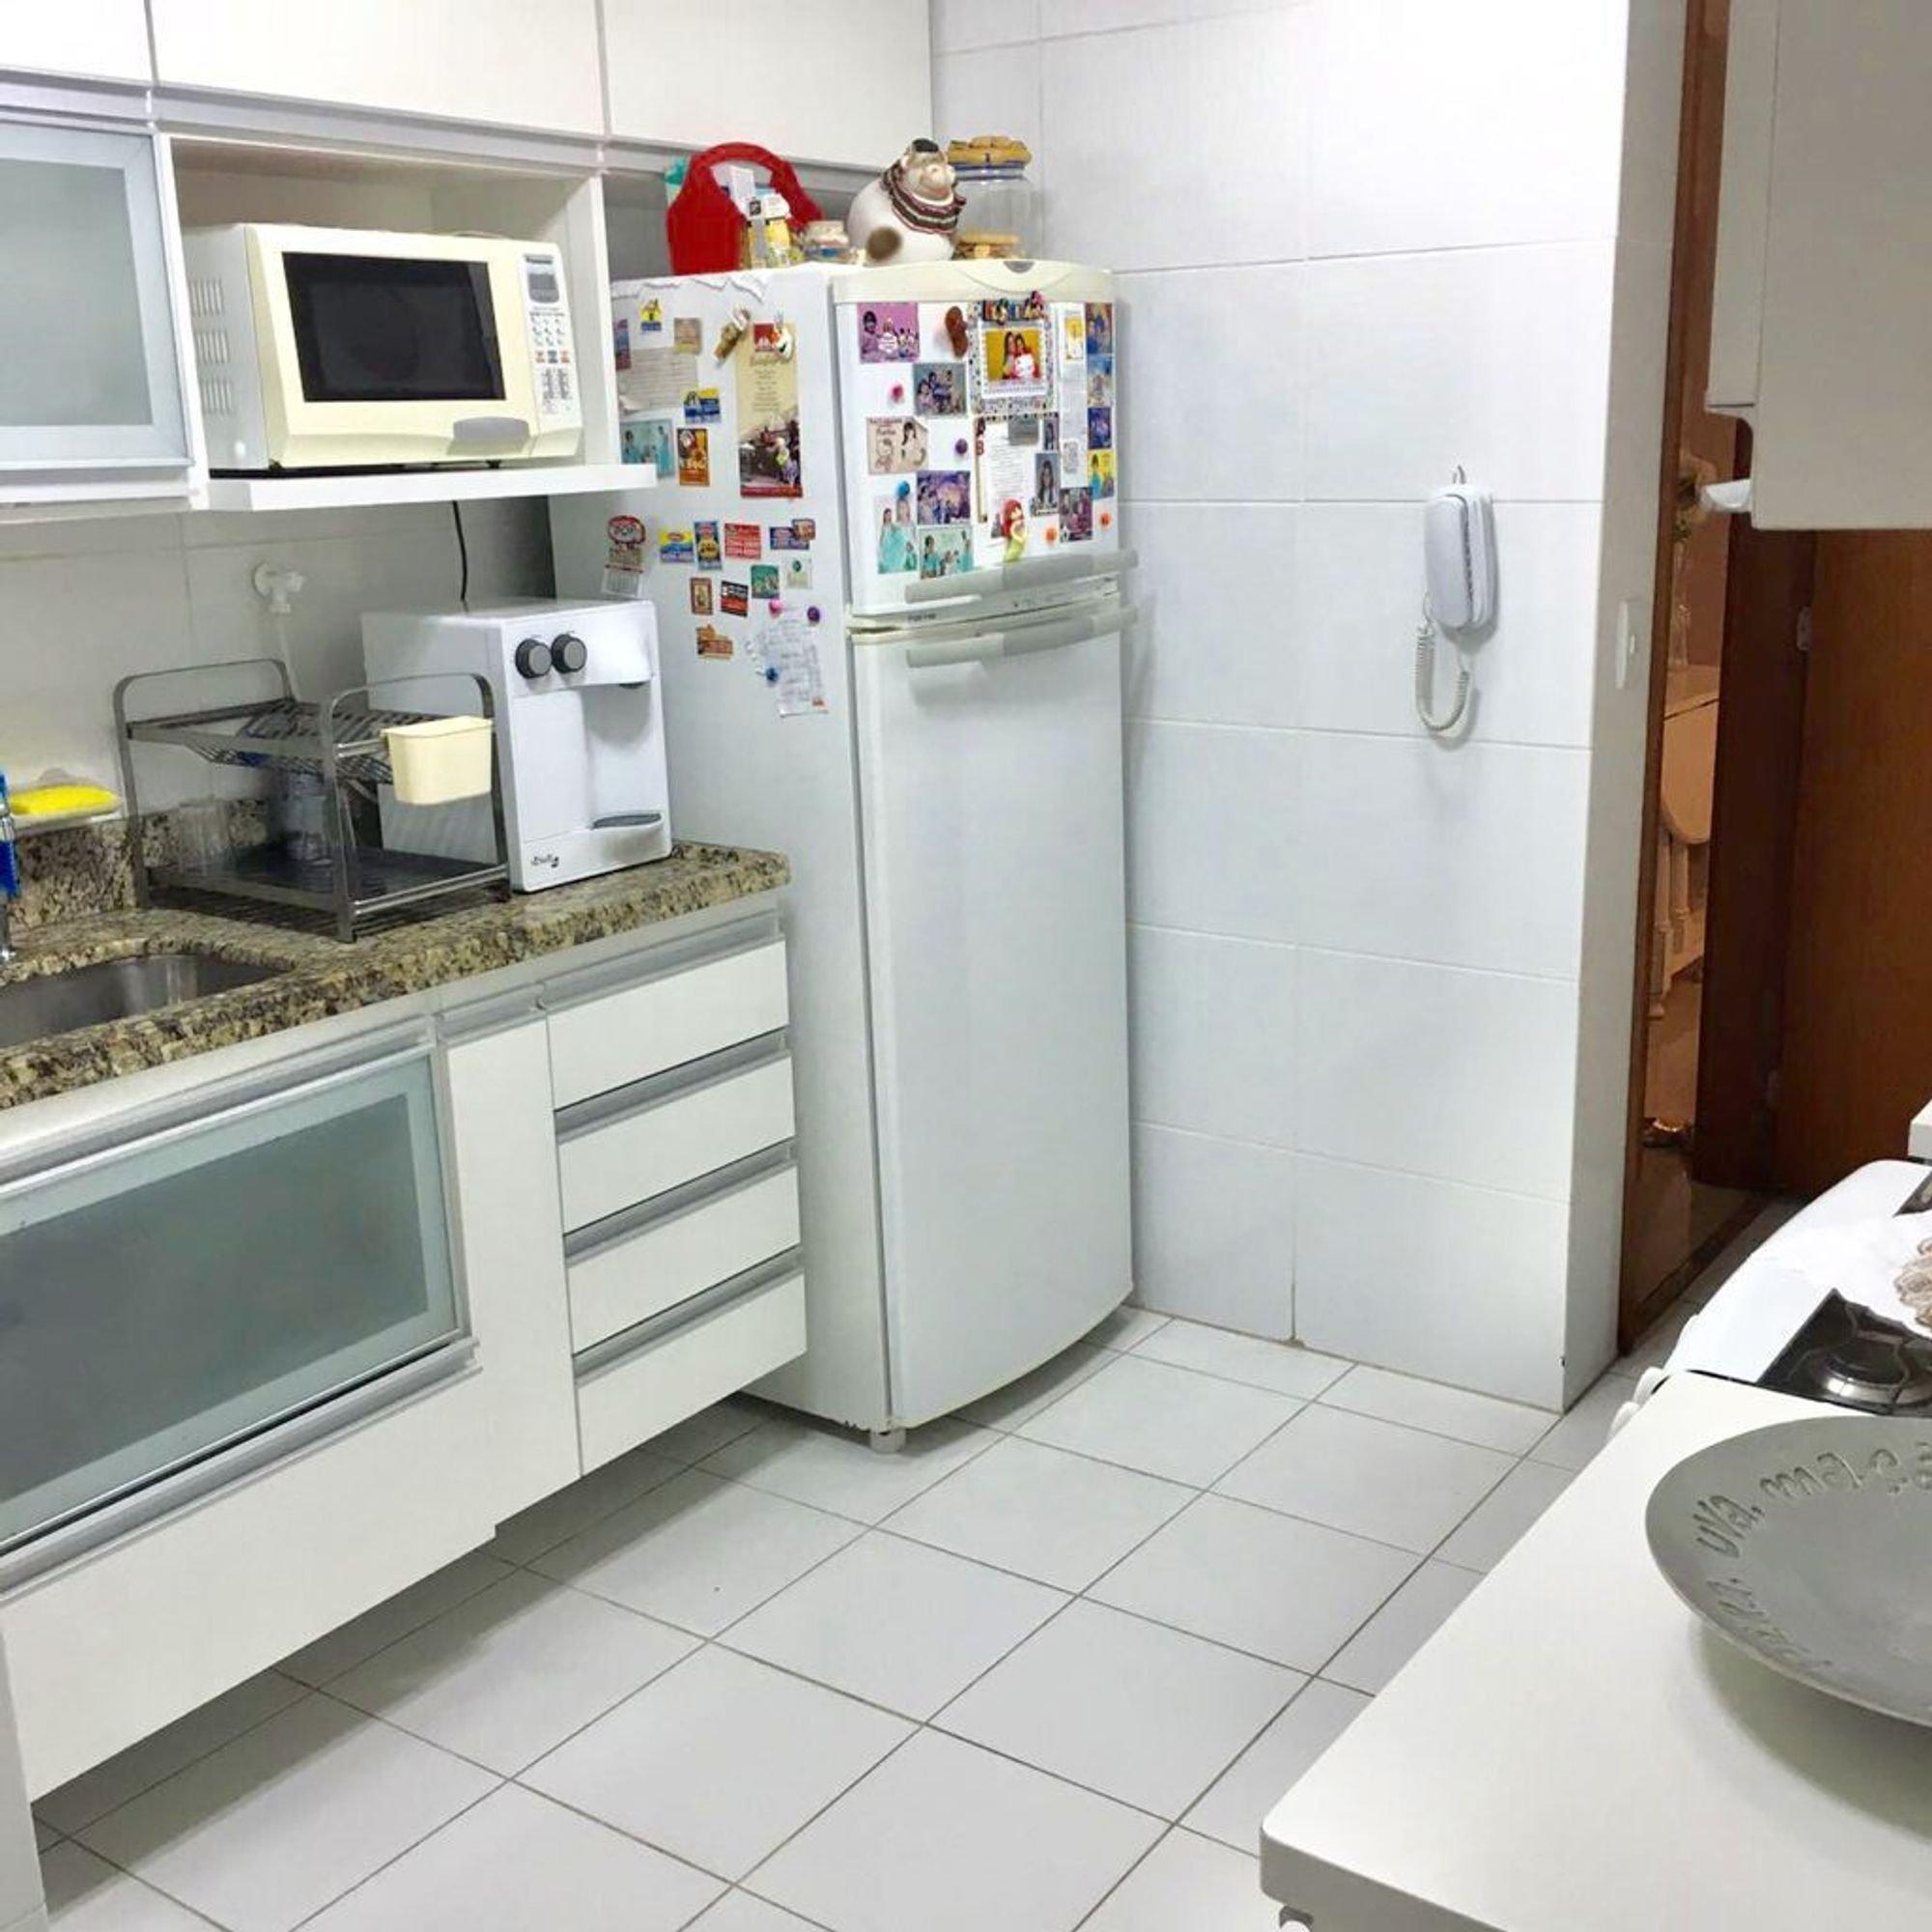 Foto de Cozinha com geladeira, microondas, mesa de jantar